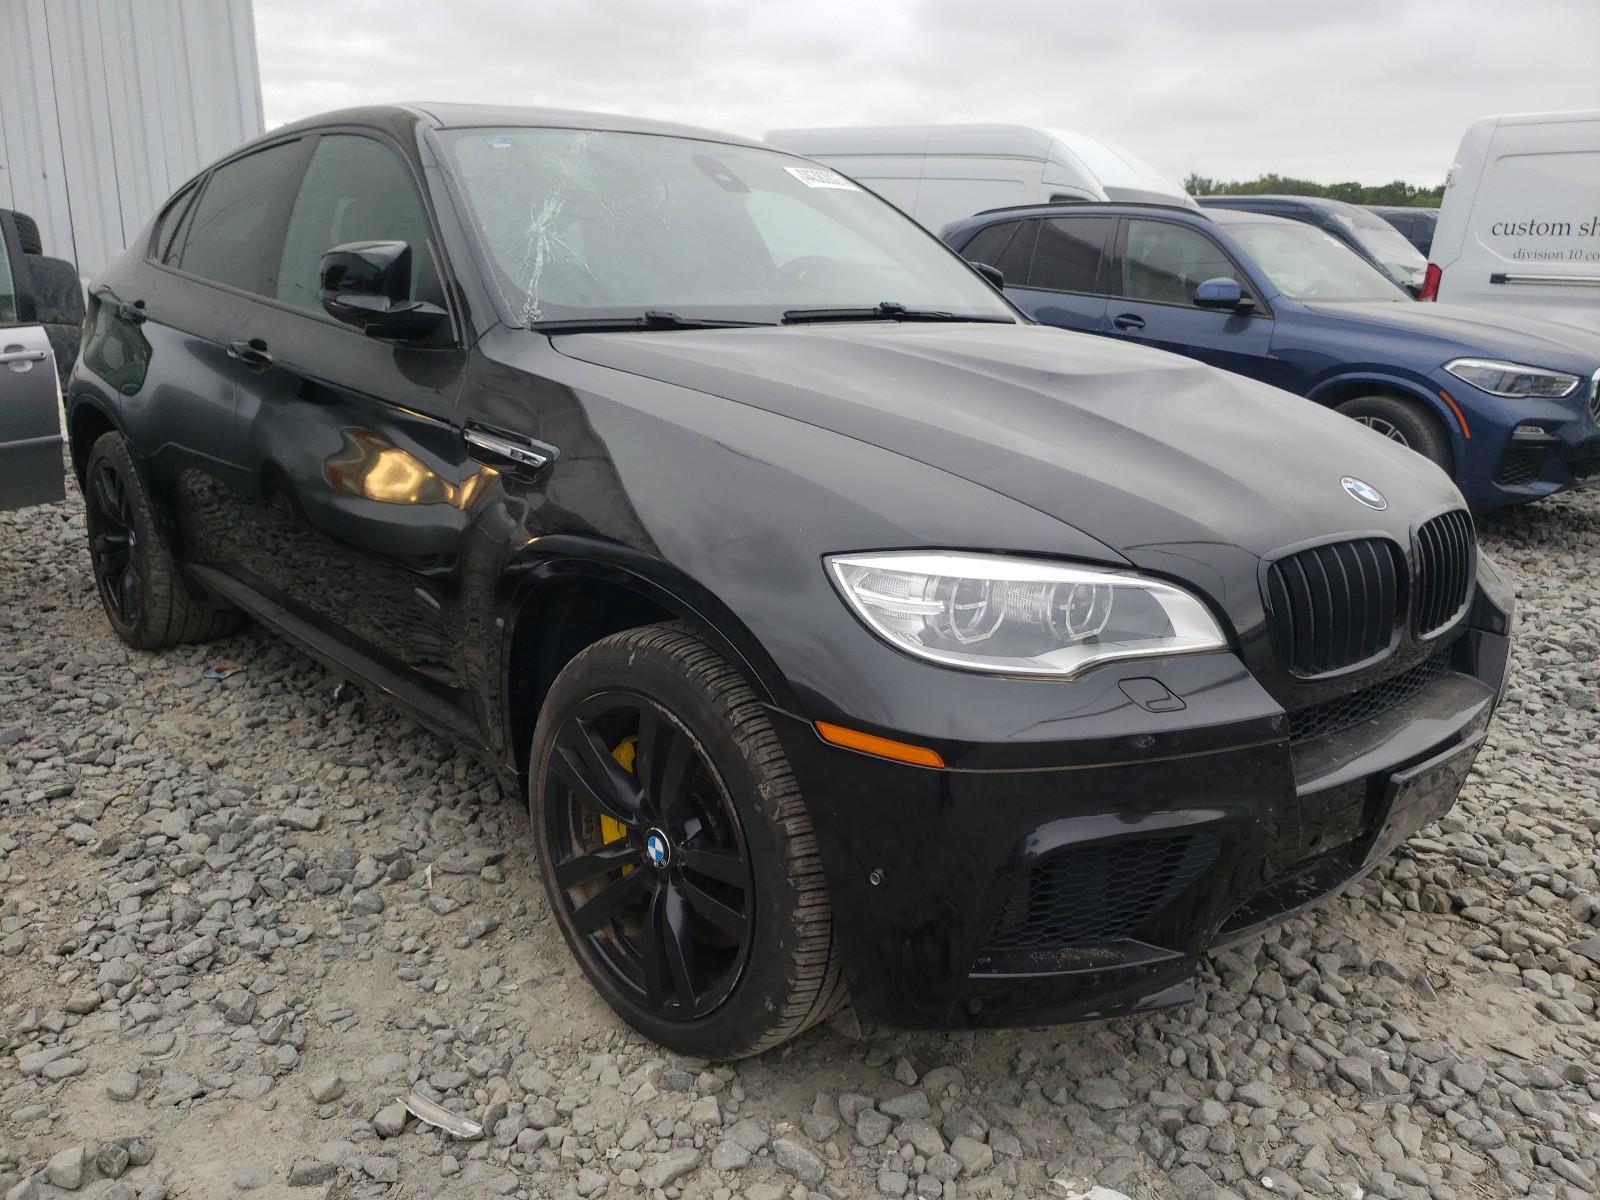 2014 BMW X6 M - 5YMGZ0C50E0C40453